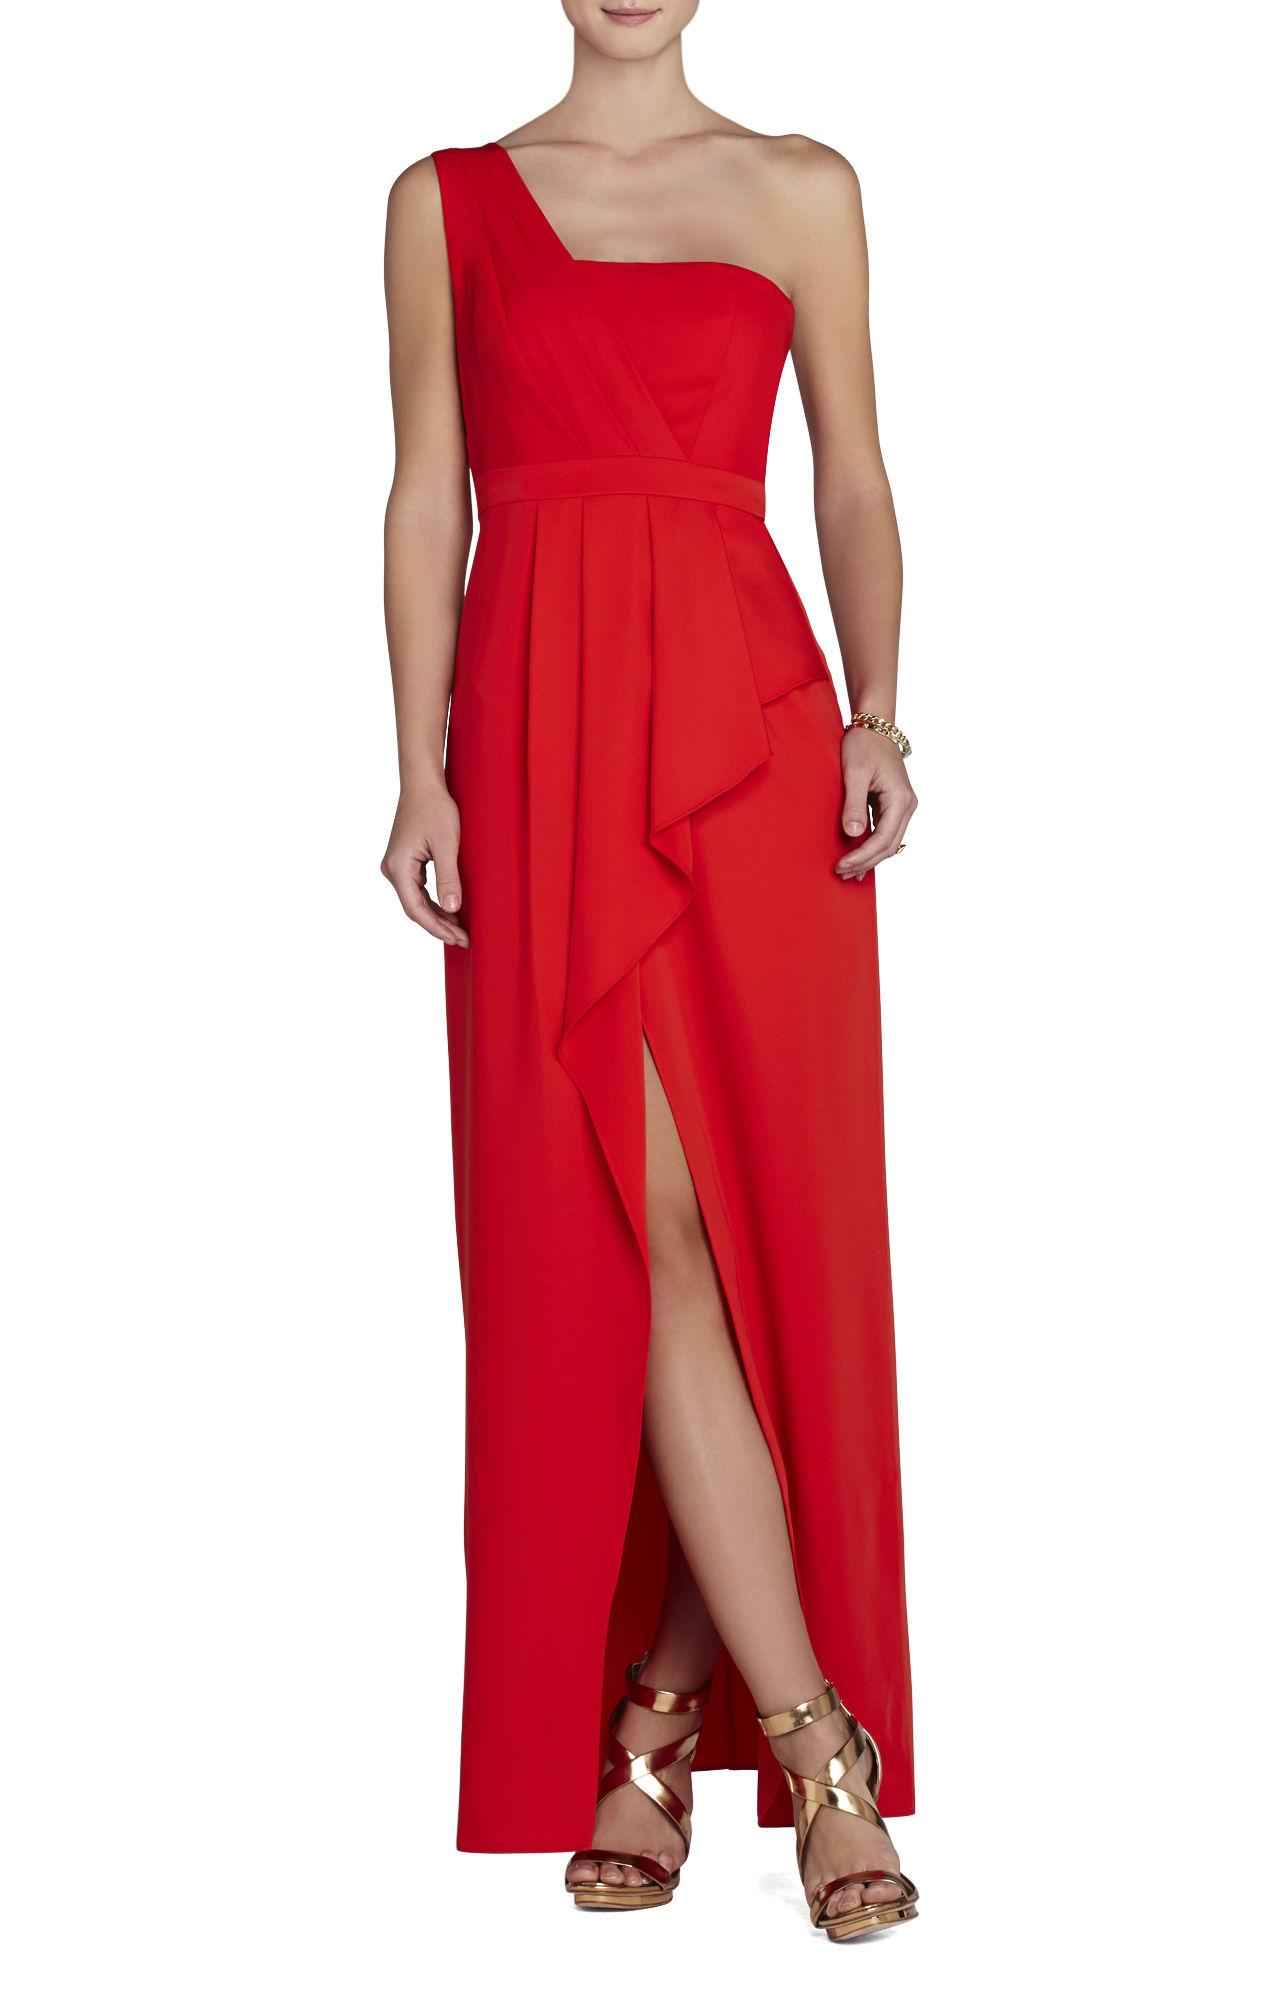 622ba12ce elblogdeanasuero vestidos largos bodas primavera 2014 BCBG vestido  asimétrico rojo